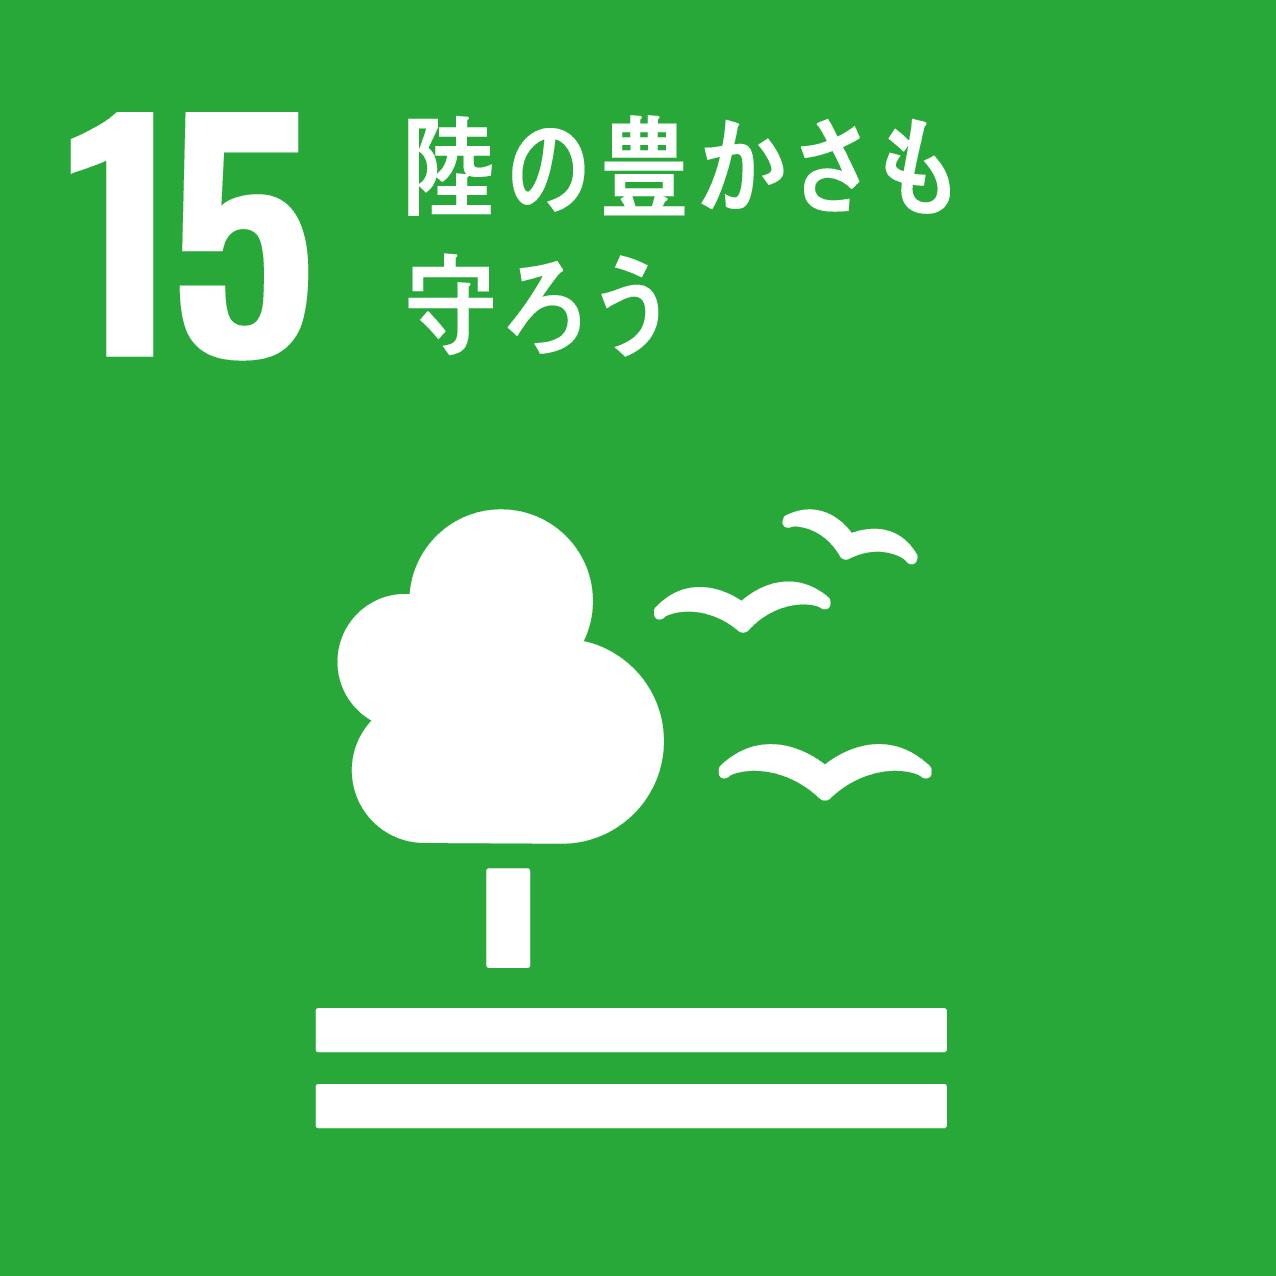 SDGsアイコン15.陸の豊かさも守ろう